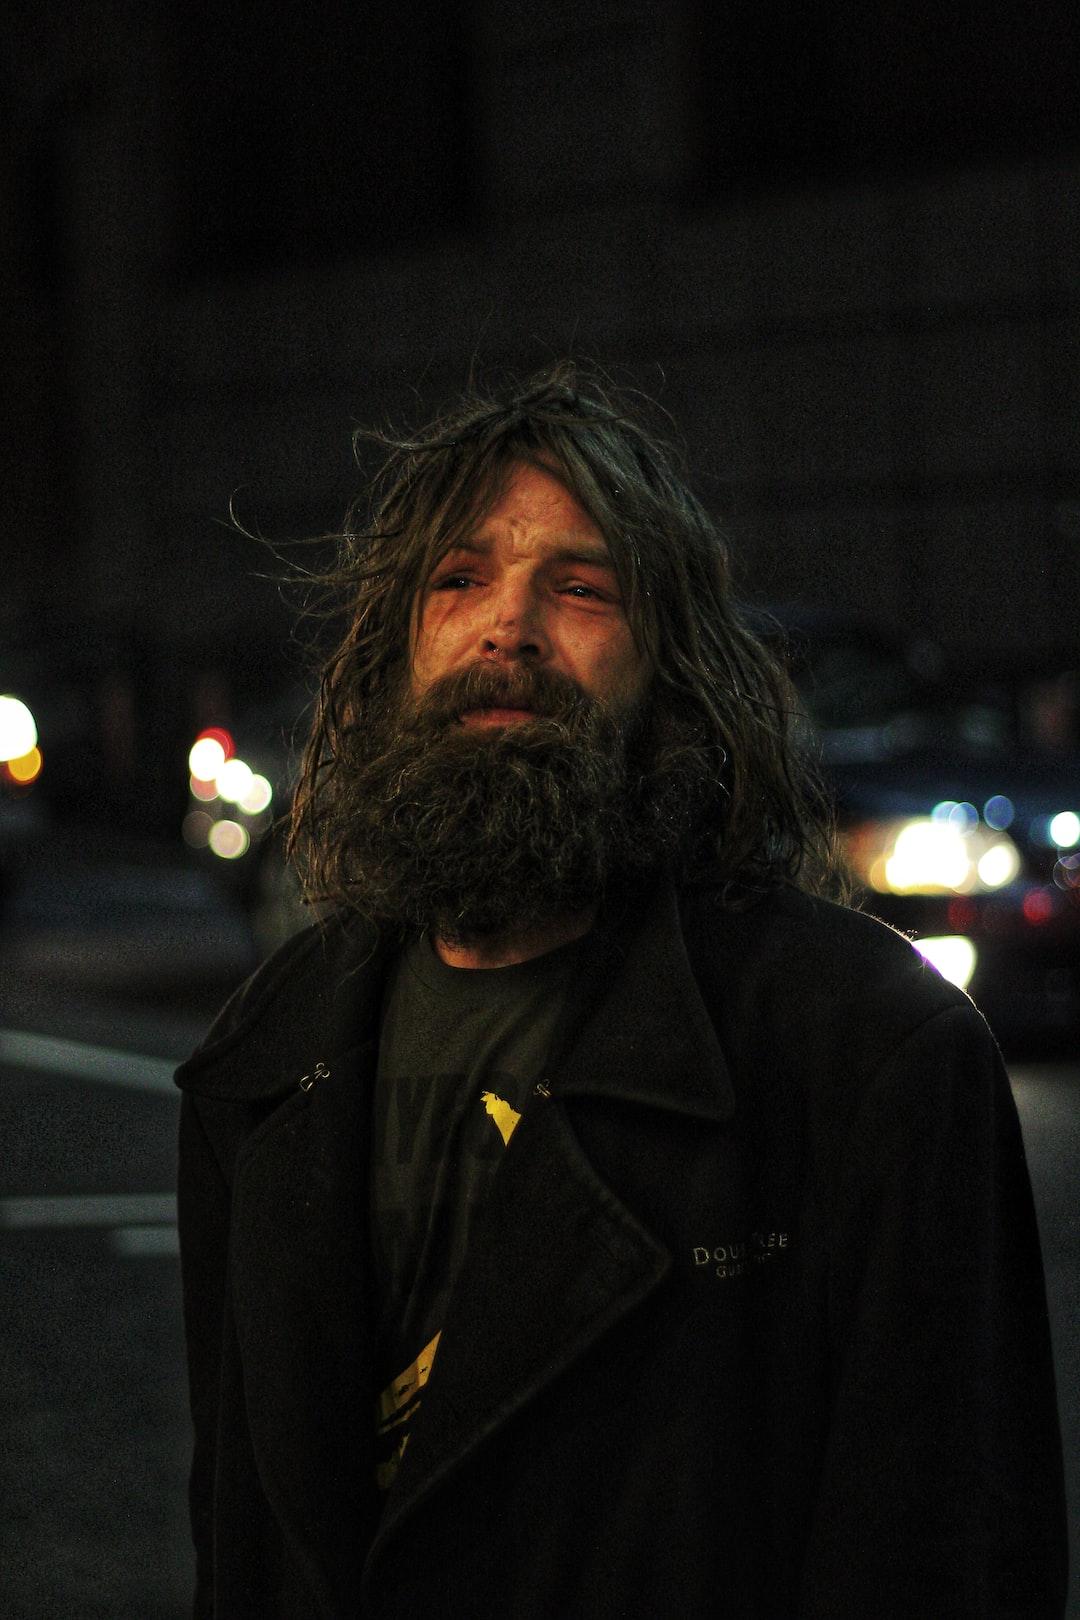 Homeless New York